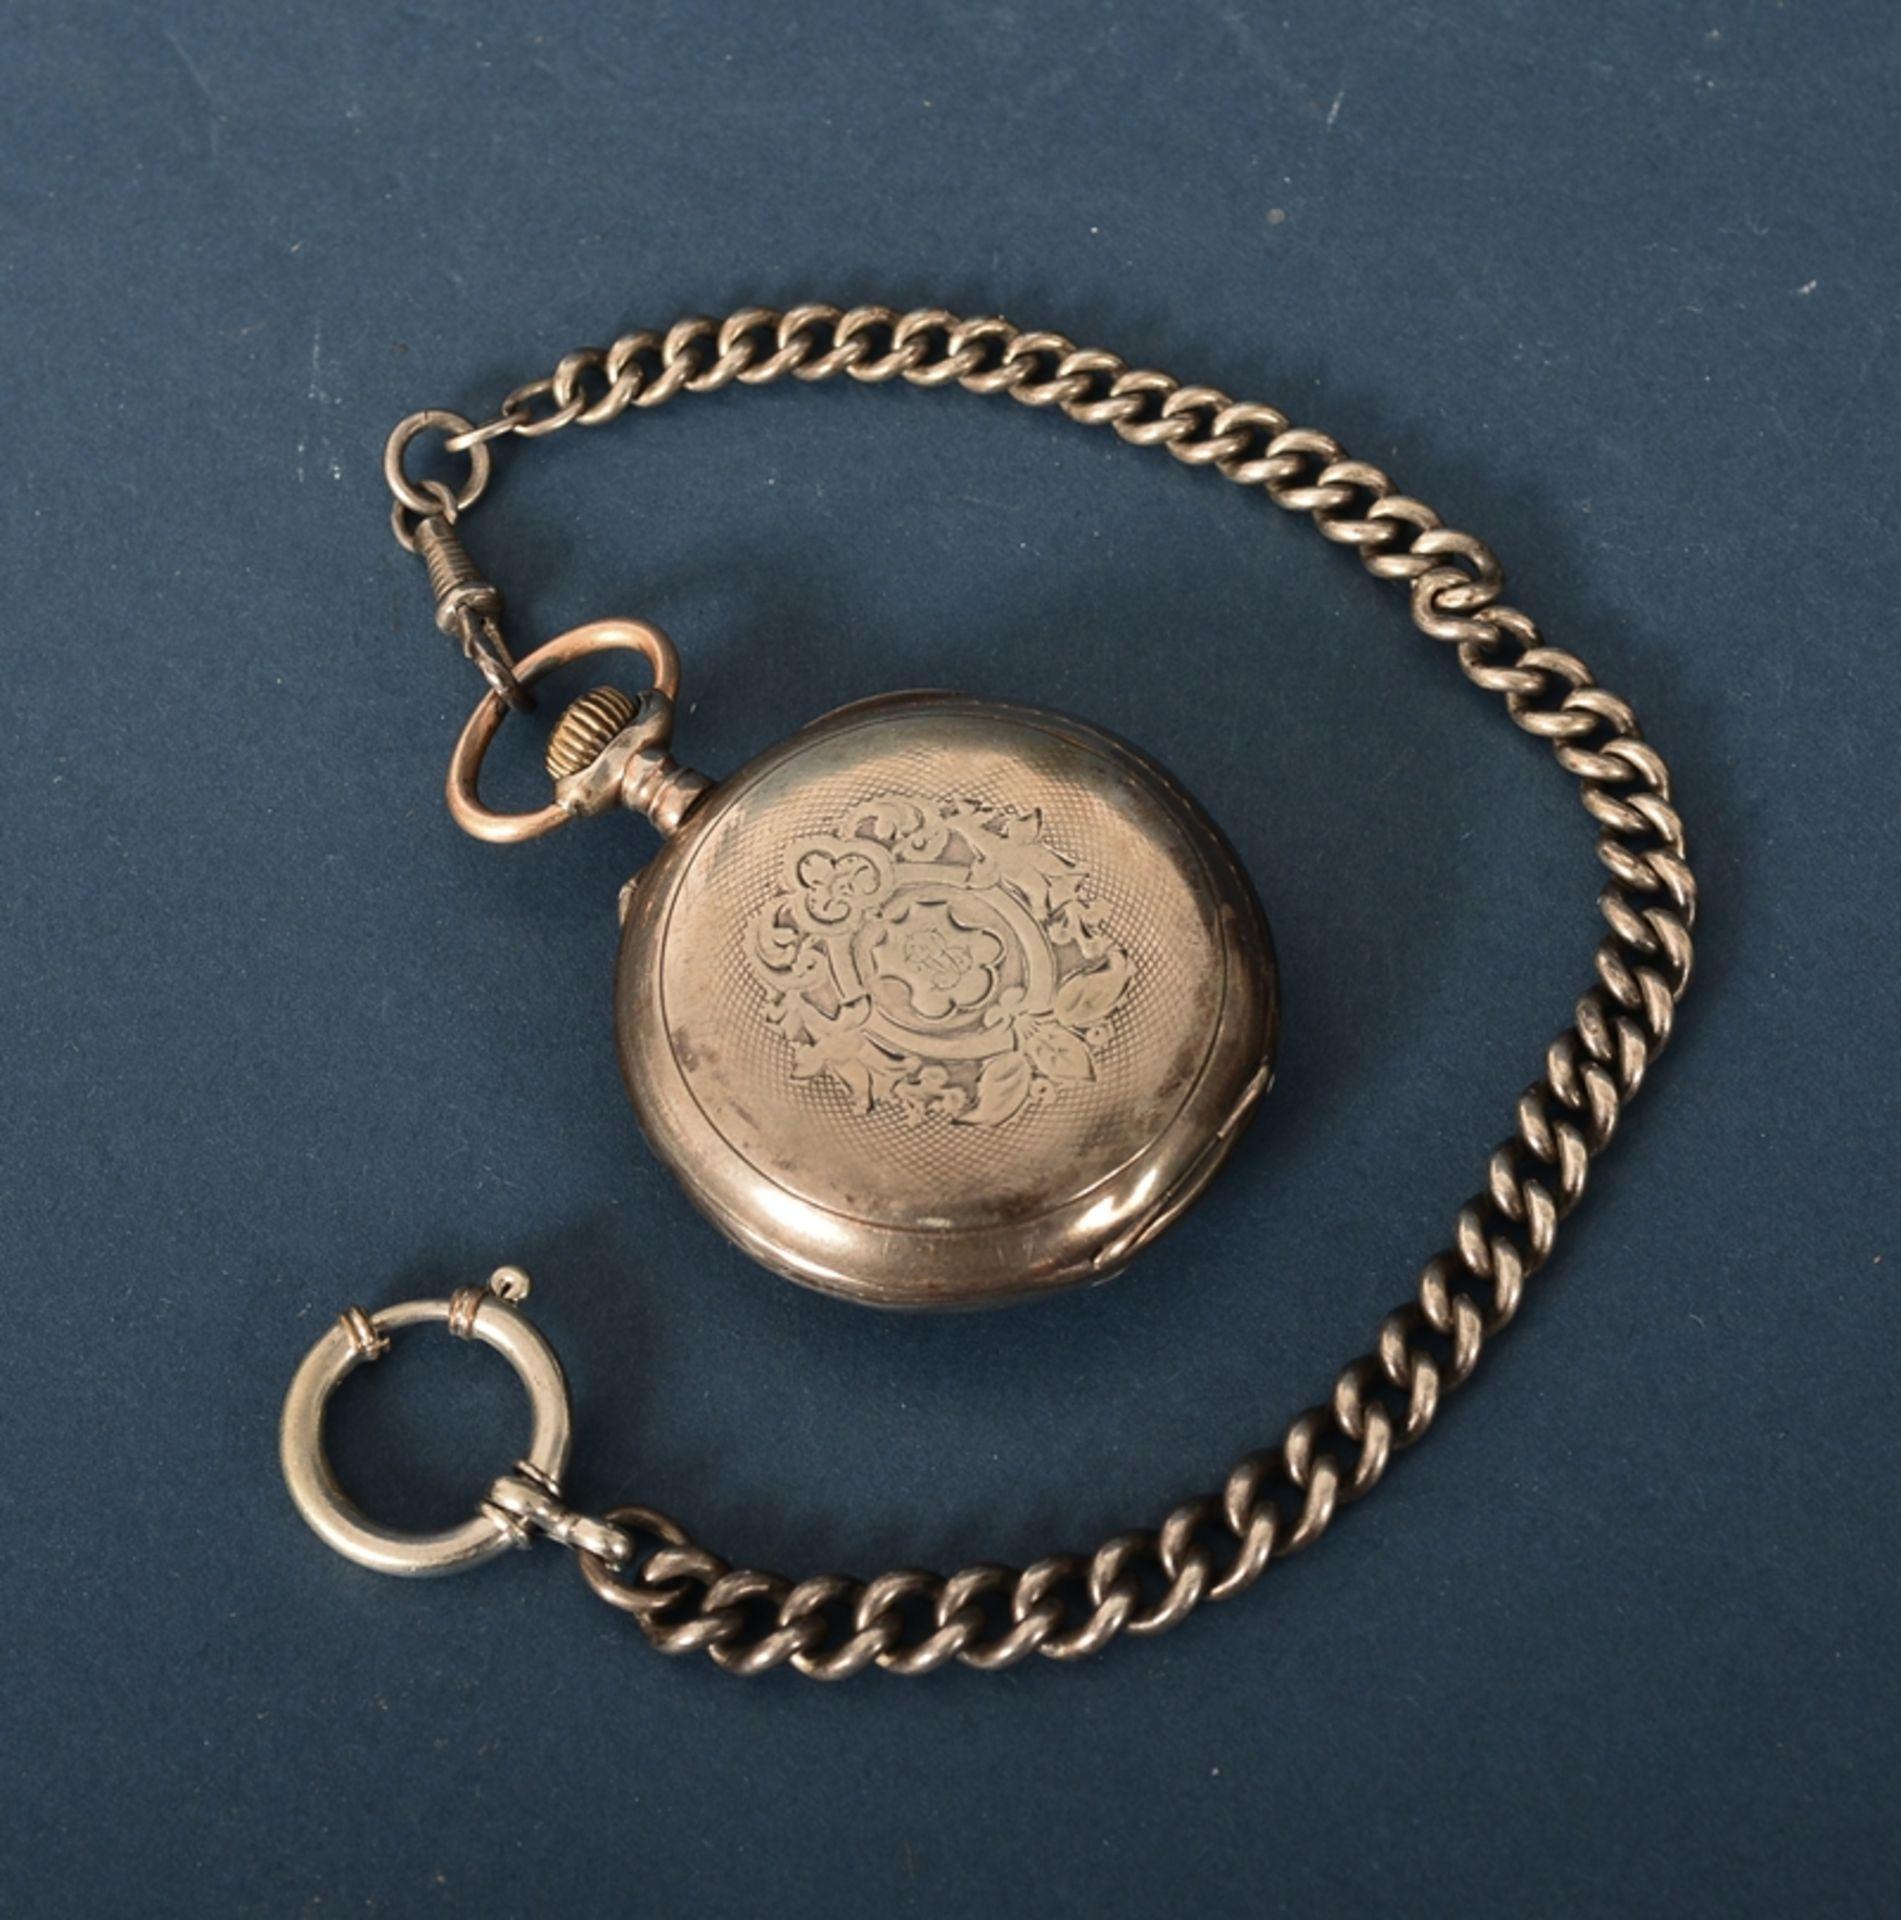 Silberne Taschenuhr an Uhrenkette (Länge ca. 27 cm), beides 800er Silber, ungeprüft (Durchmesser der - Bild 6 aus 7